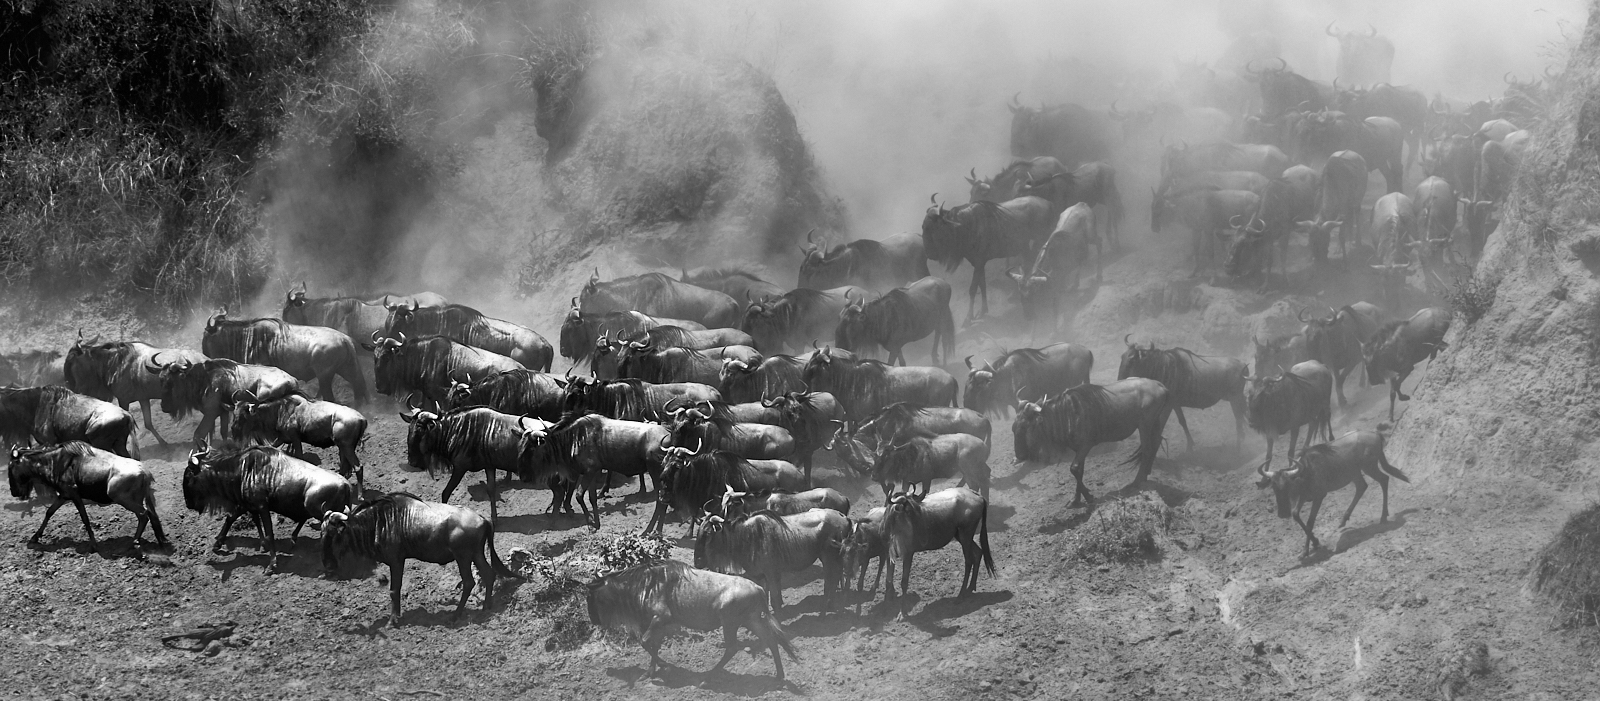 Wildebeest in the dust 1600x1200 sRGB 1.jpg